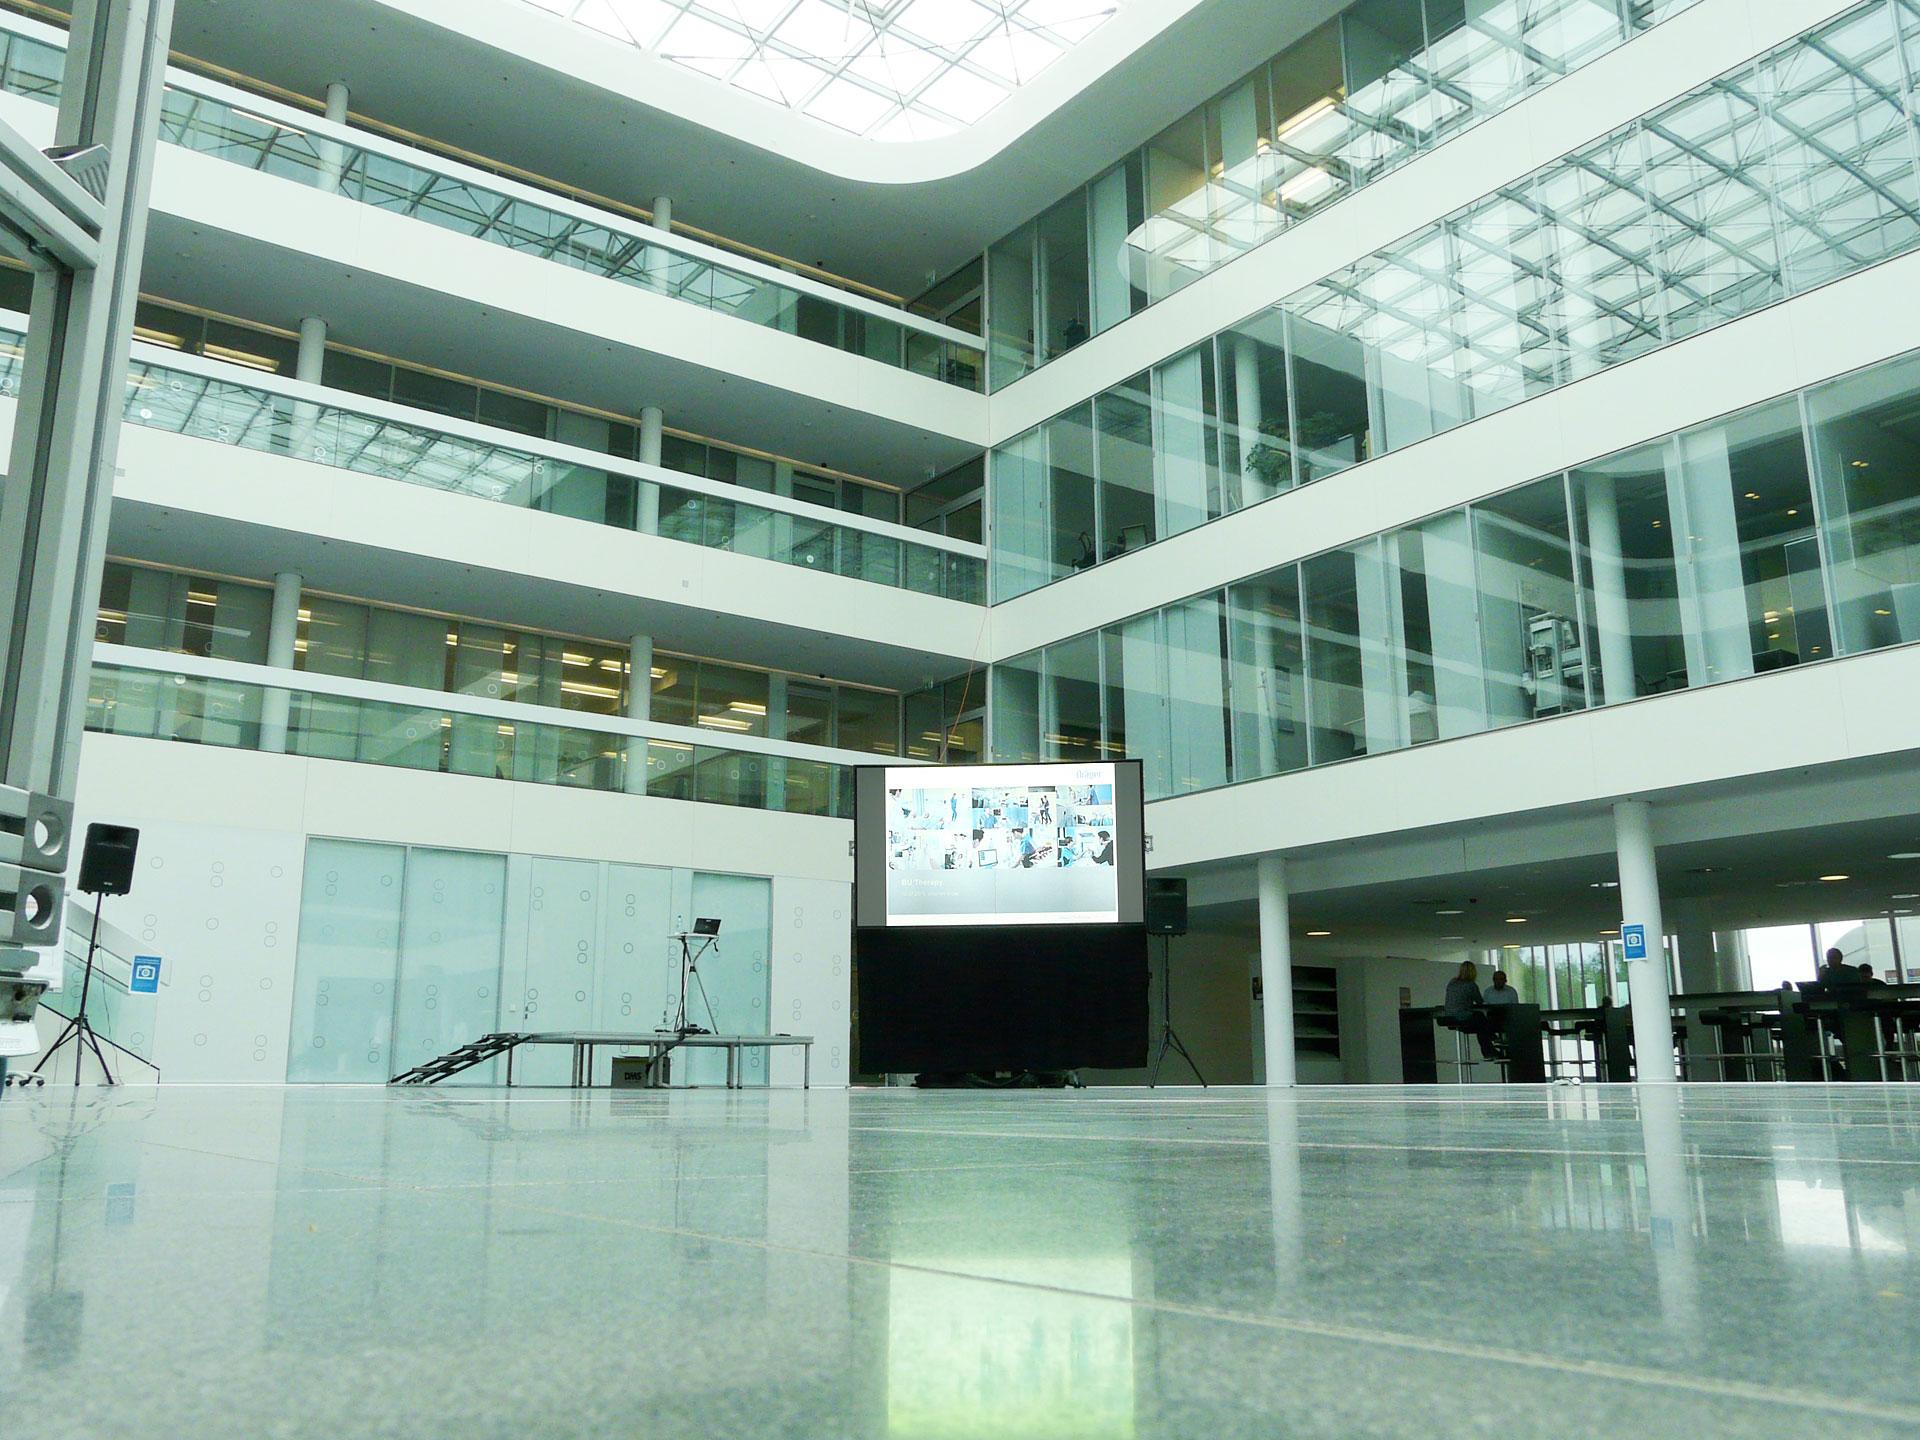 Tageslichtprojektion mit einem 2K Kinoprojektor und einer Revosoft Hellraumleinwand im Dräger Atrium unter einem über 500m² großem Glasdach.